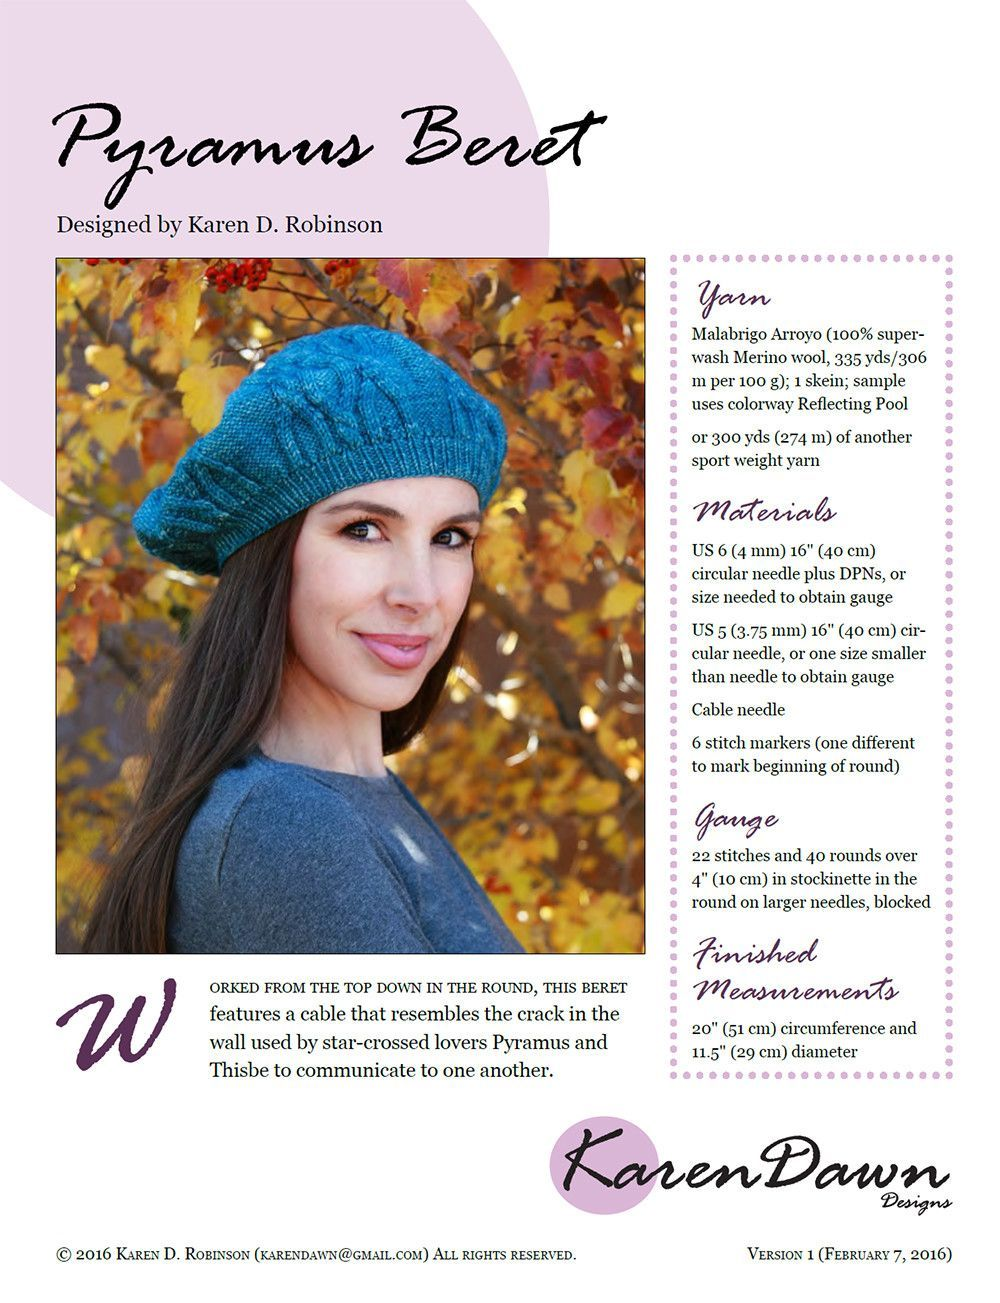 Pyramus beret knitting pattern berets and products pyramus beret knitting pattern bankloansurffo Images